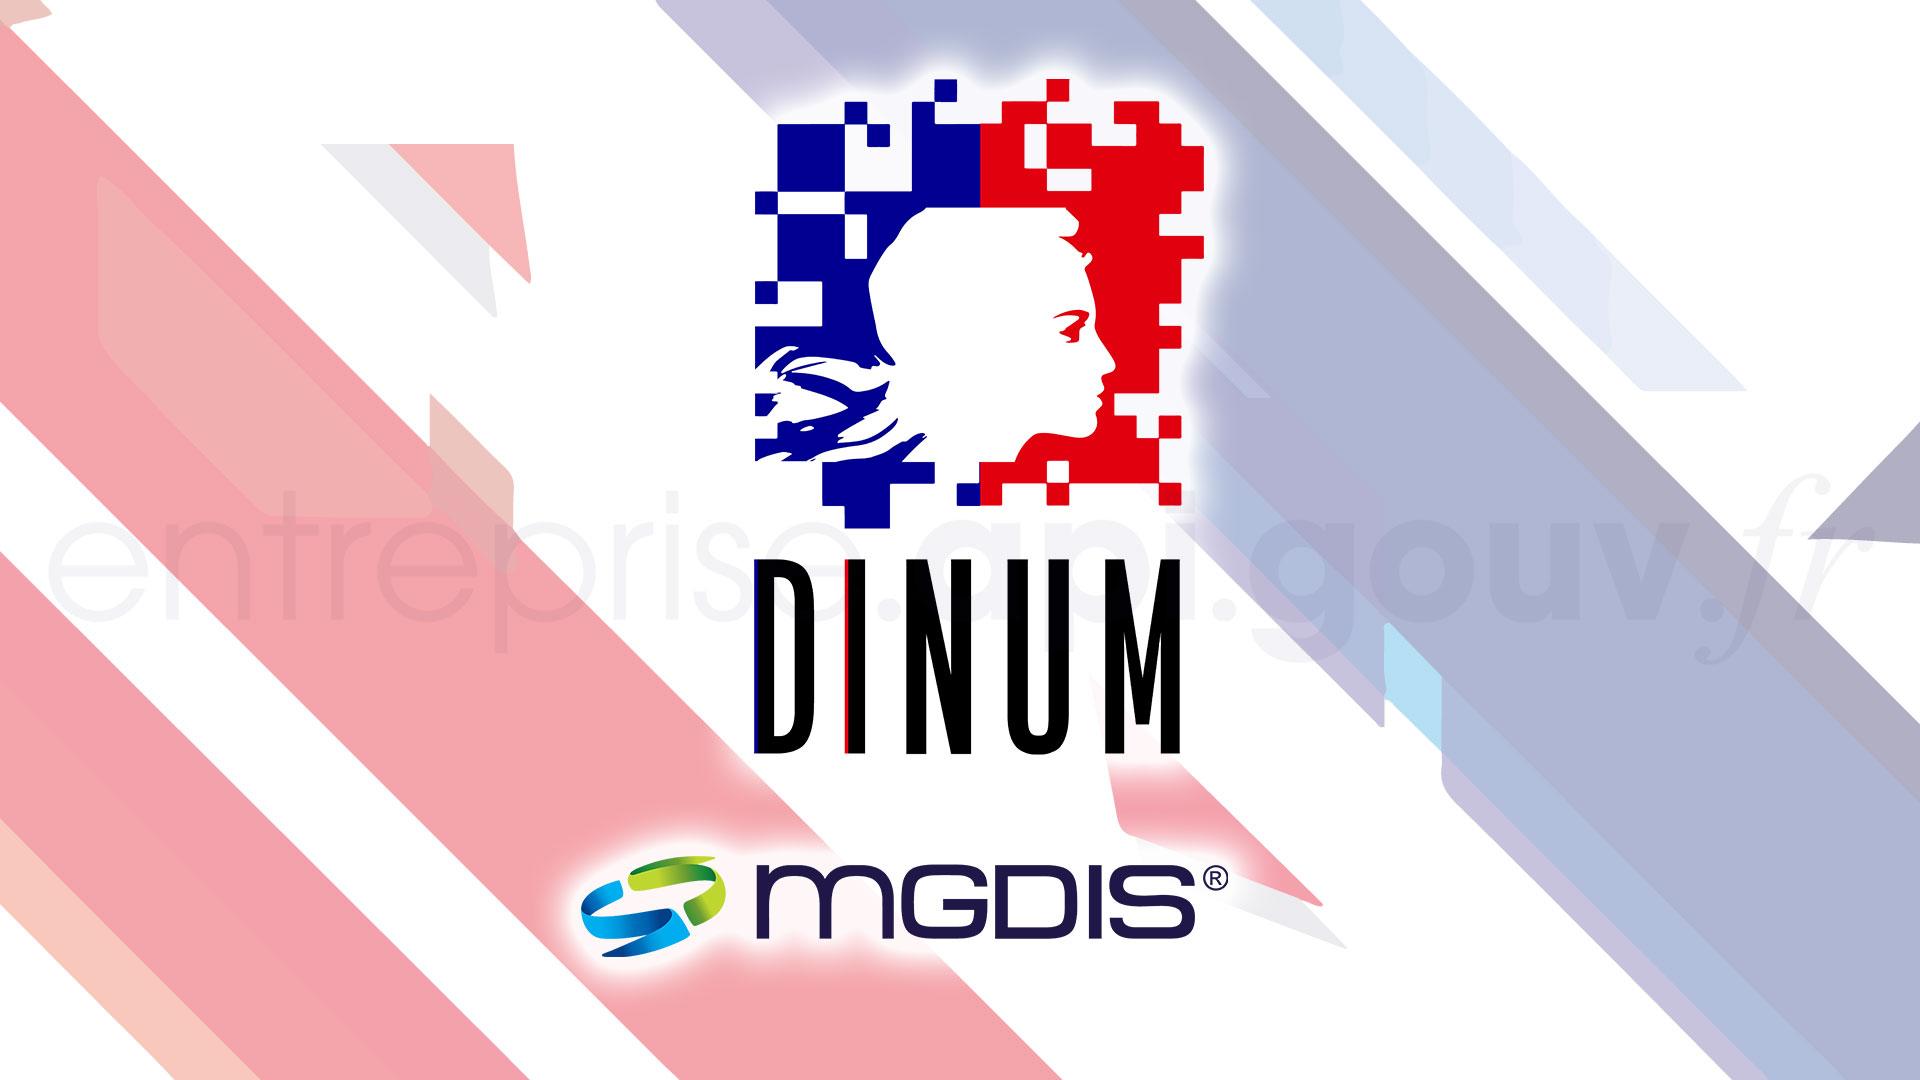 API Entreprise de la DINUM dans le logiciel MGDIS Portail des Aides